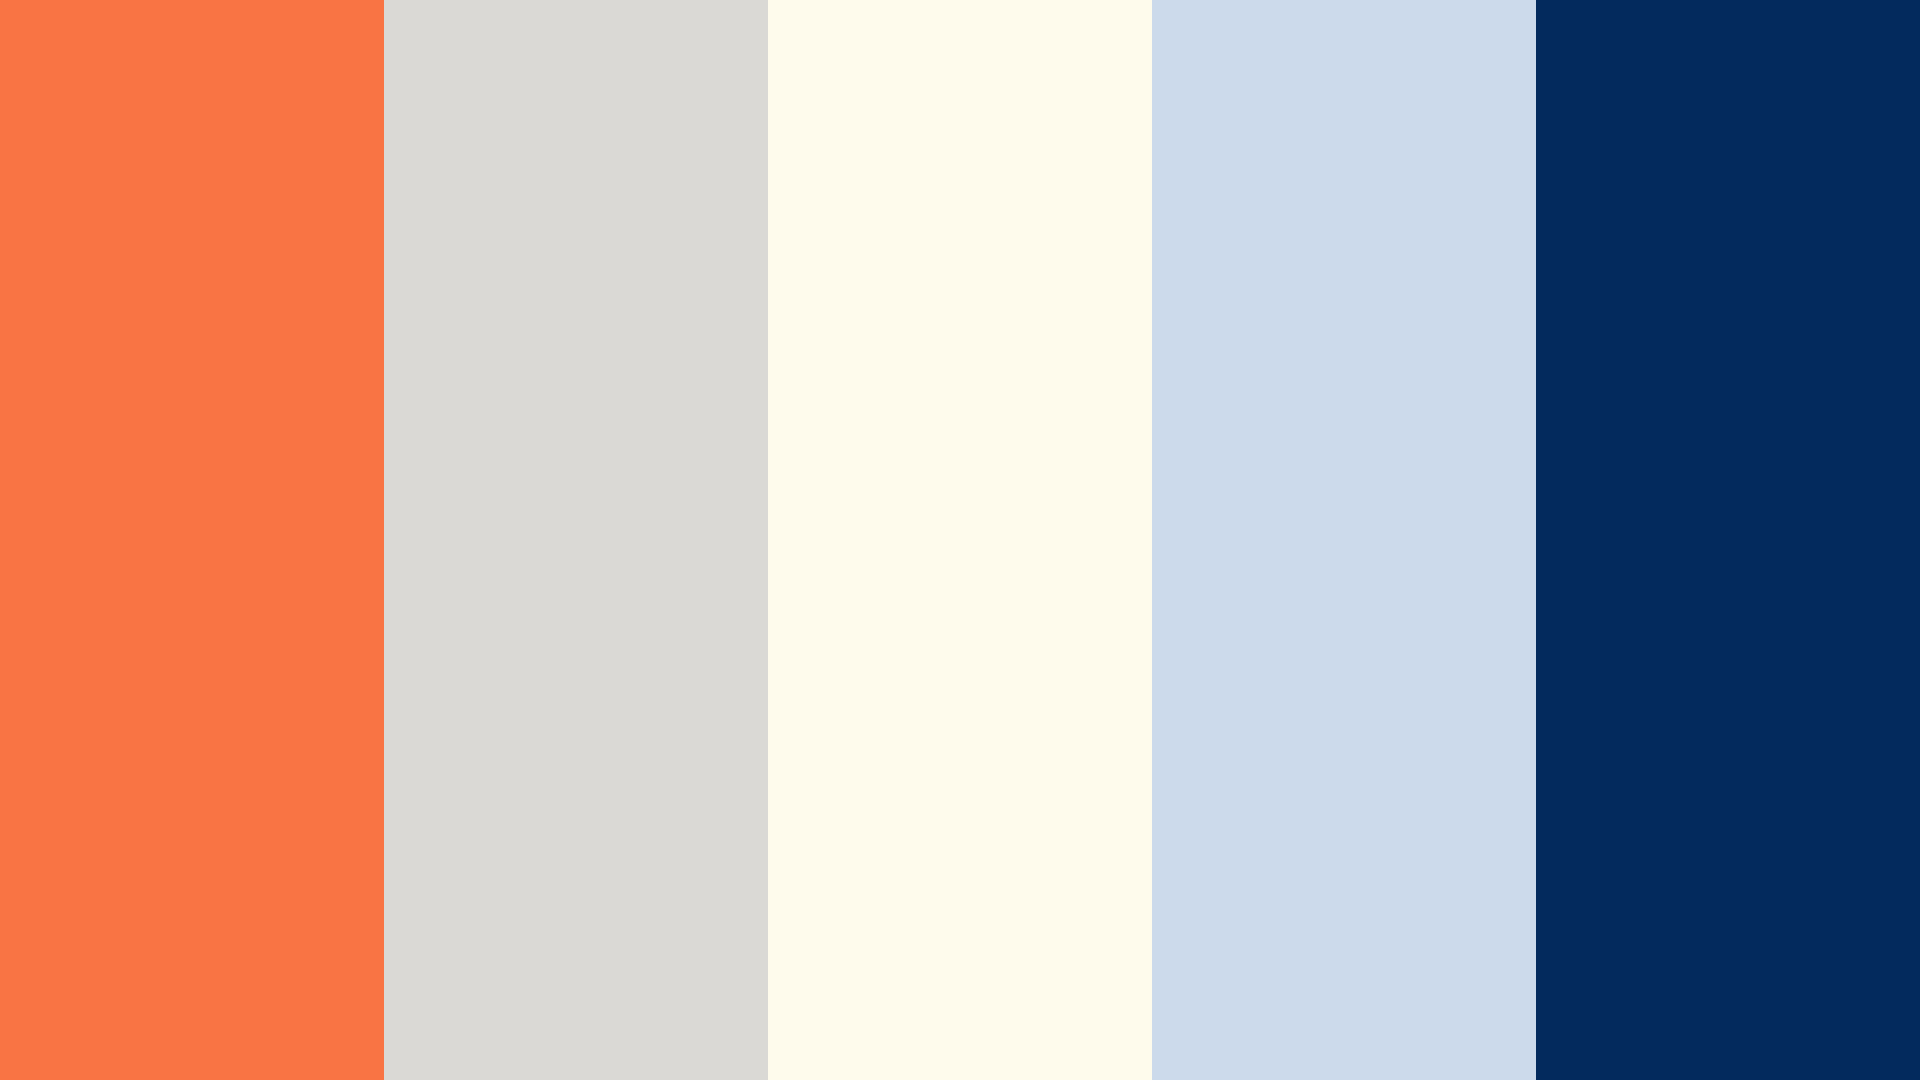 Destiny Speaks Color Scheme » Blue » SchemeColor.com on boat paint schemes, car paint schemes, houseboat paint schemes, sherwin-williams interior paint schemes, barn paint schemes, auto paint schemes, industrial paint schemes, contemporary paint schemes, house paint schemes, cottage paint schemes, retail paint schemes, atv paint schemes, townhome paint schemes, residential paint schemes, office paint schemes, camper paint schemes, trailer paint schemes, condo paint schemes, victorian paint schemes, business paint schemes,